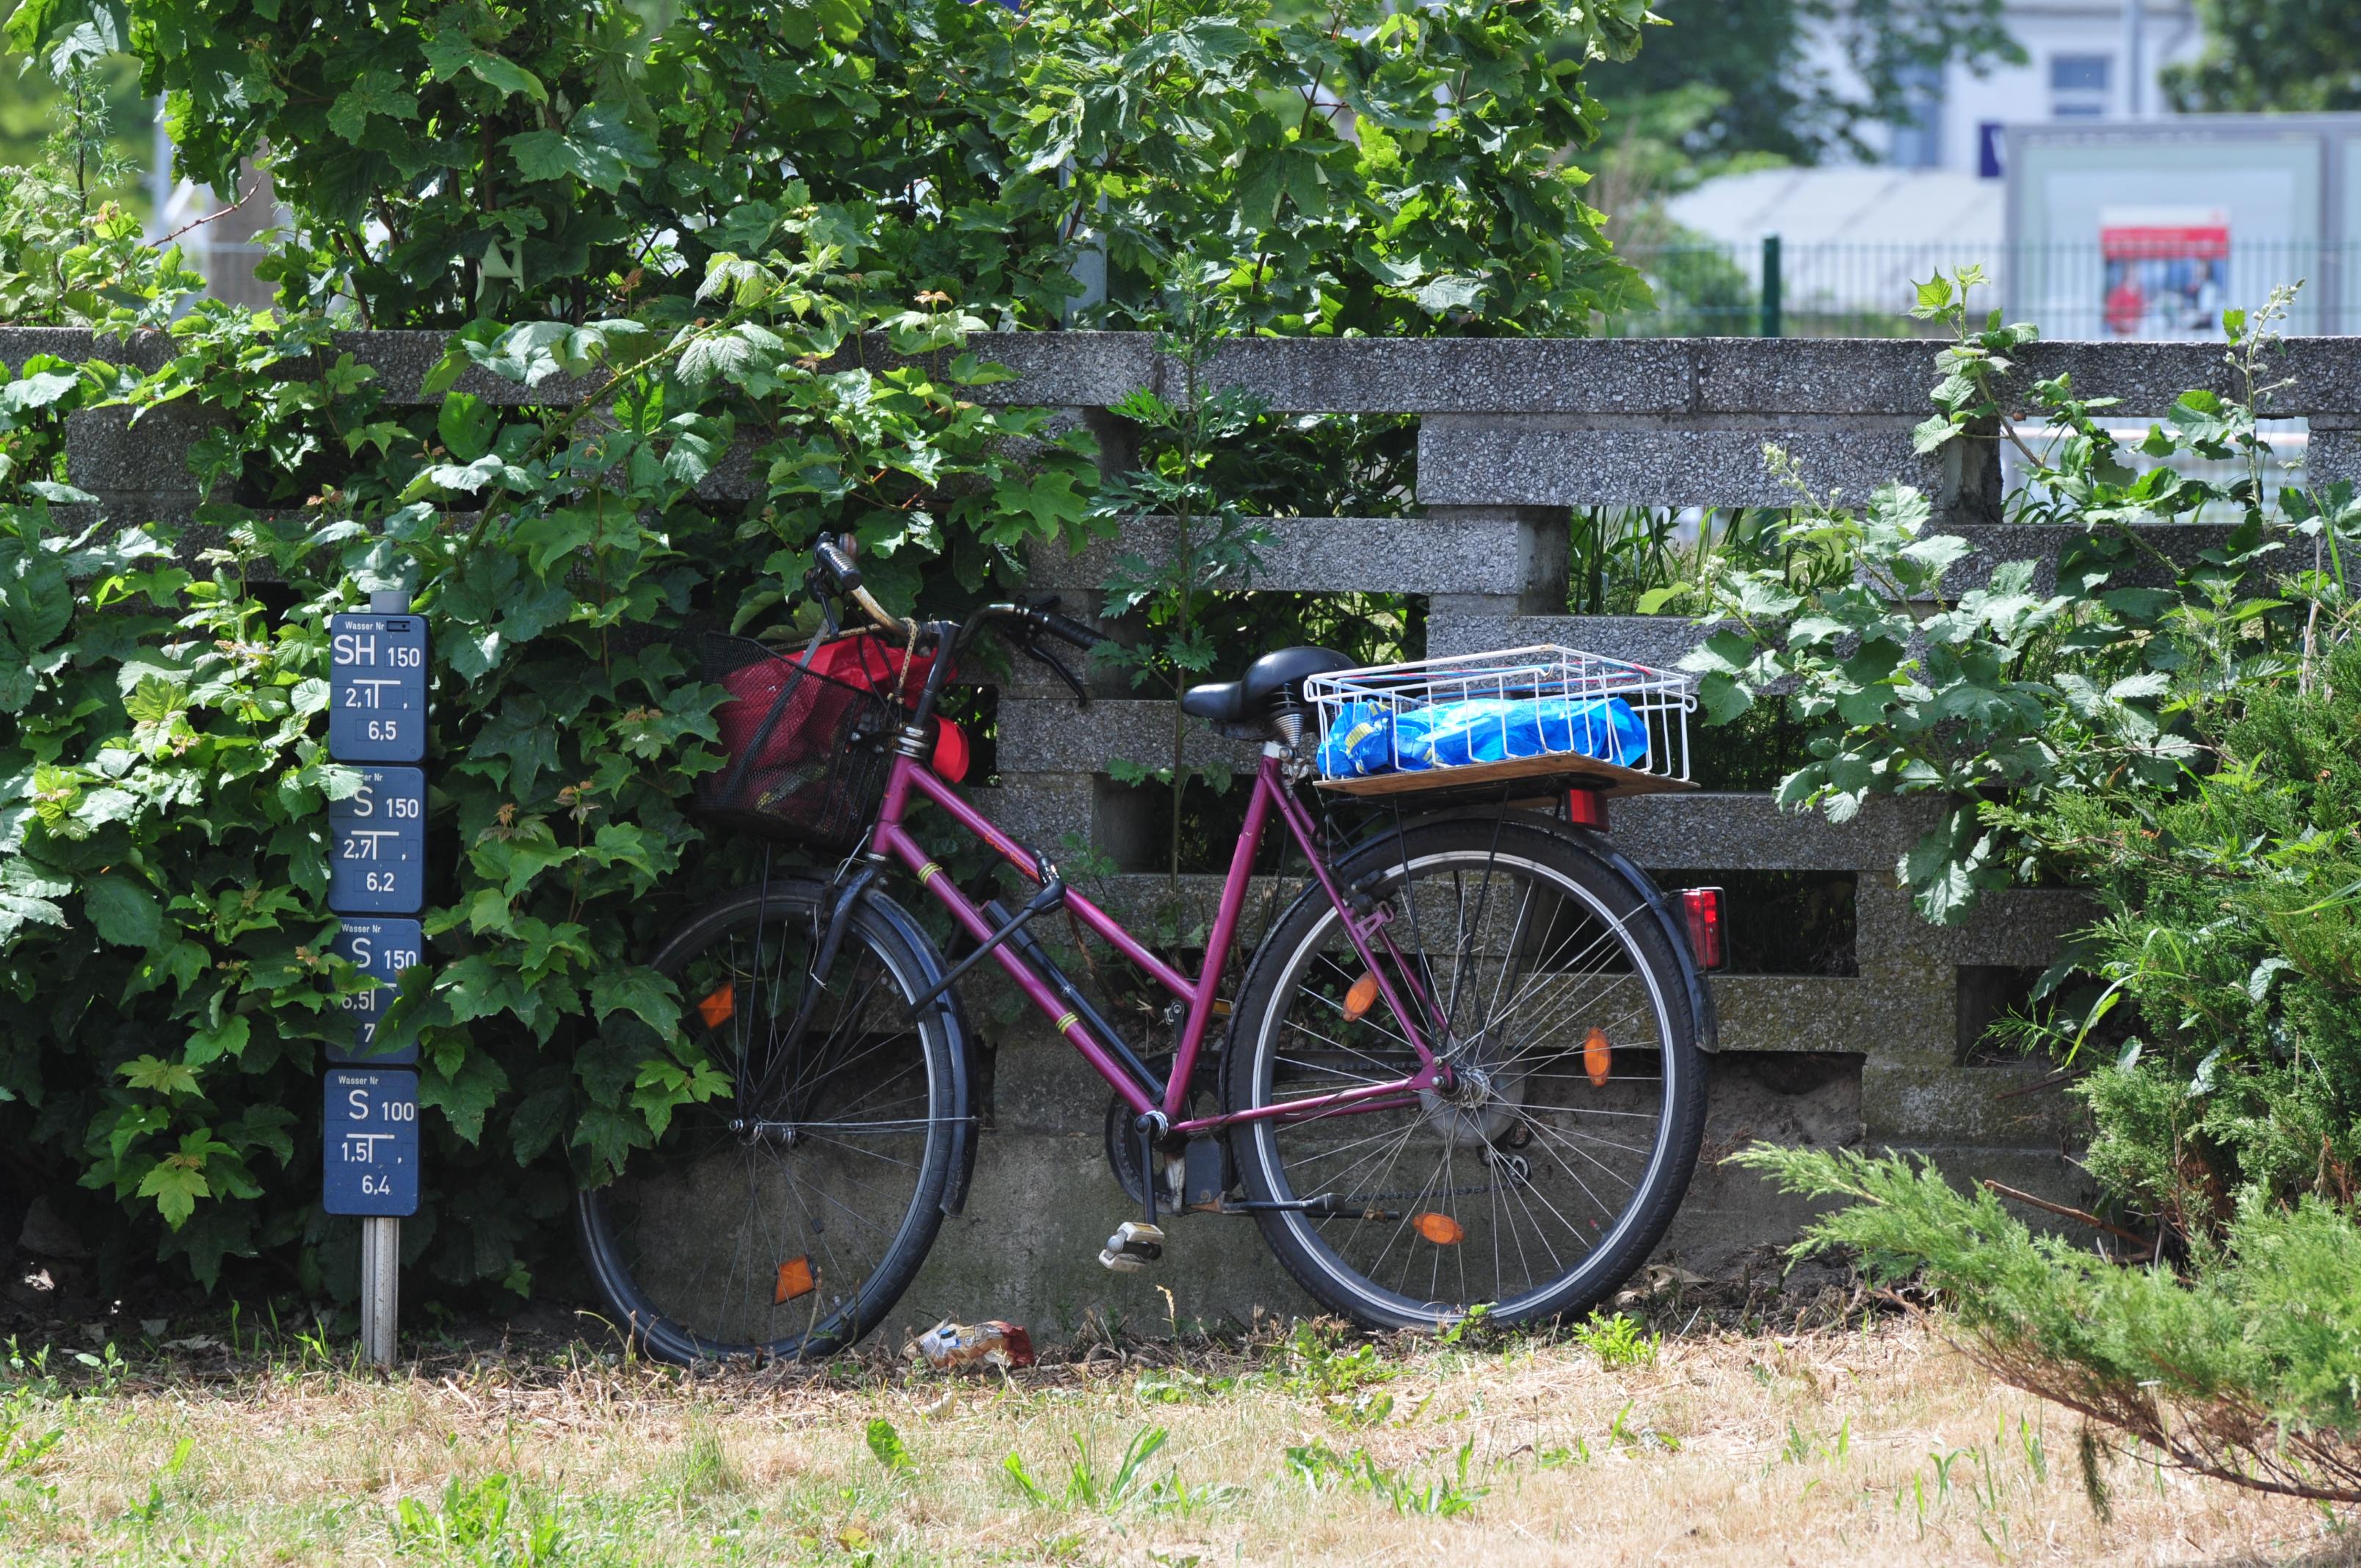 12-06-09-fahrrad-by-ralfr-01.jpg